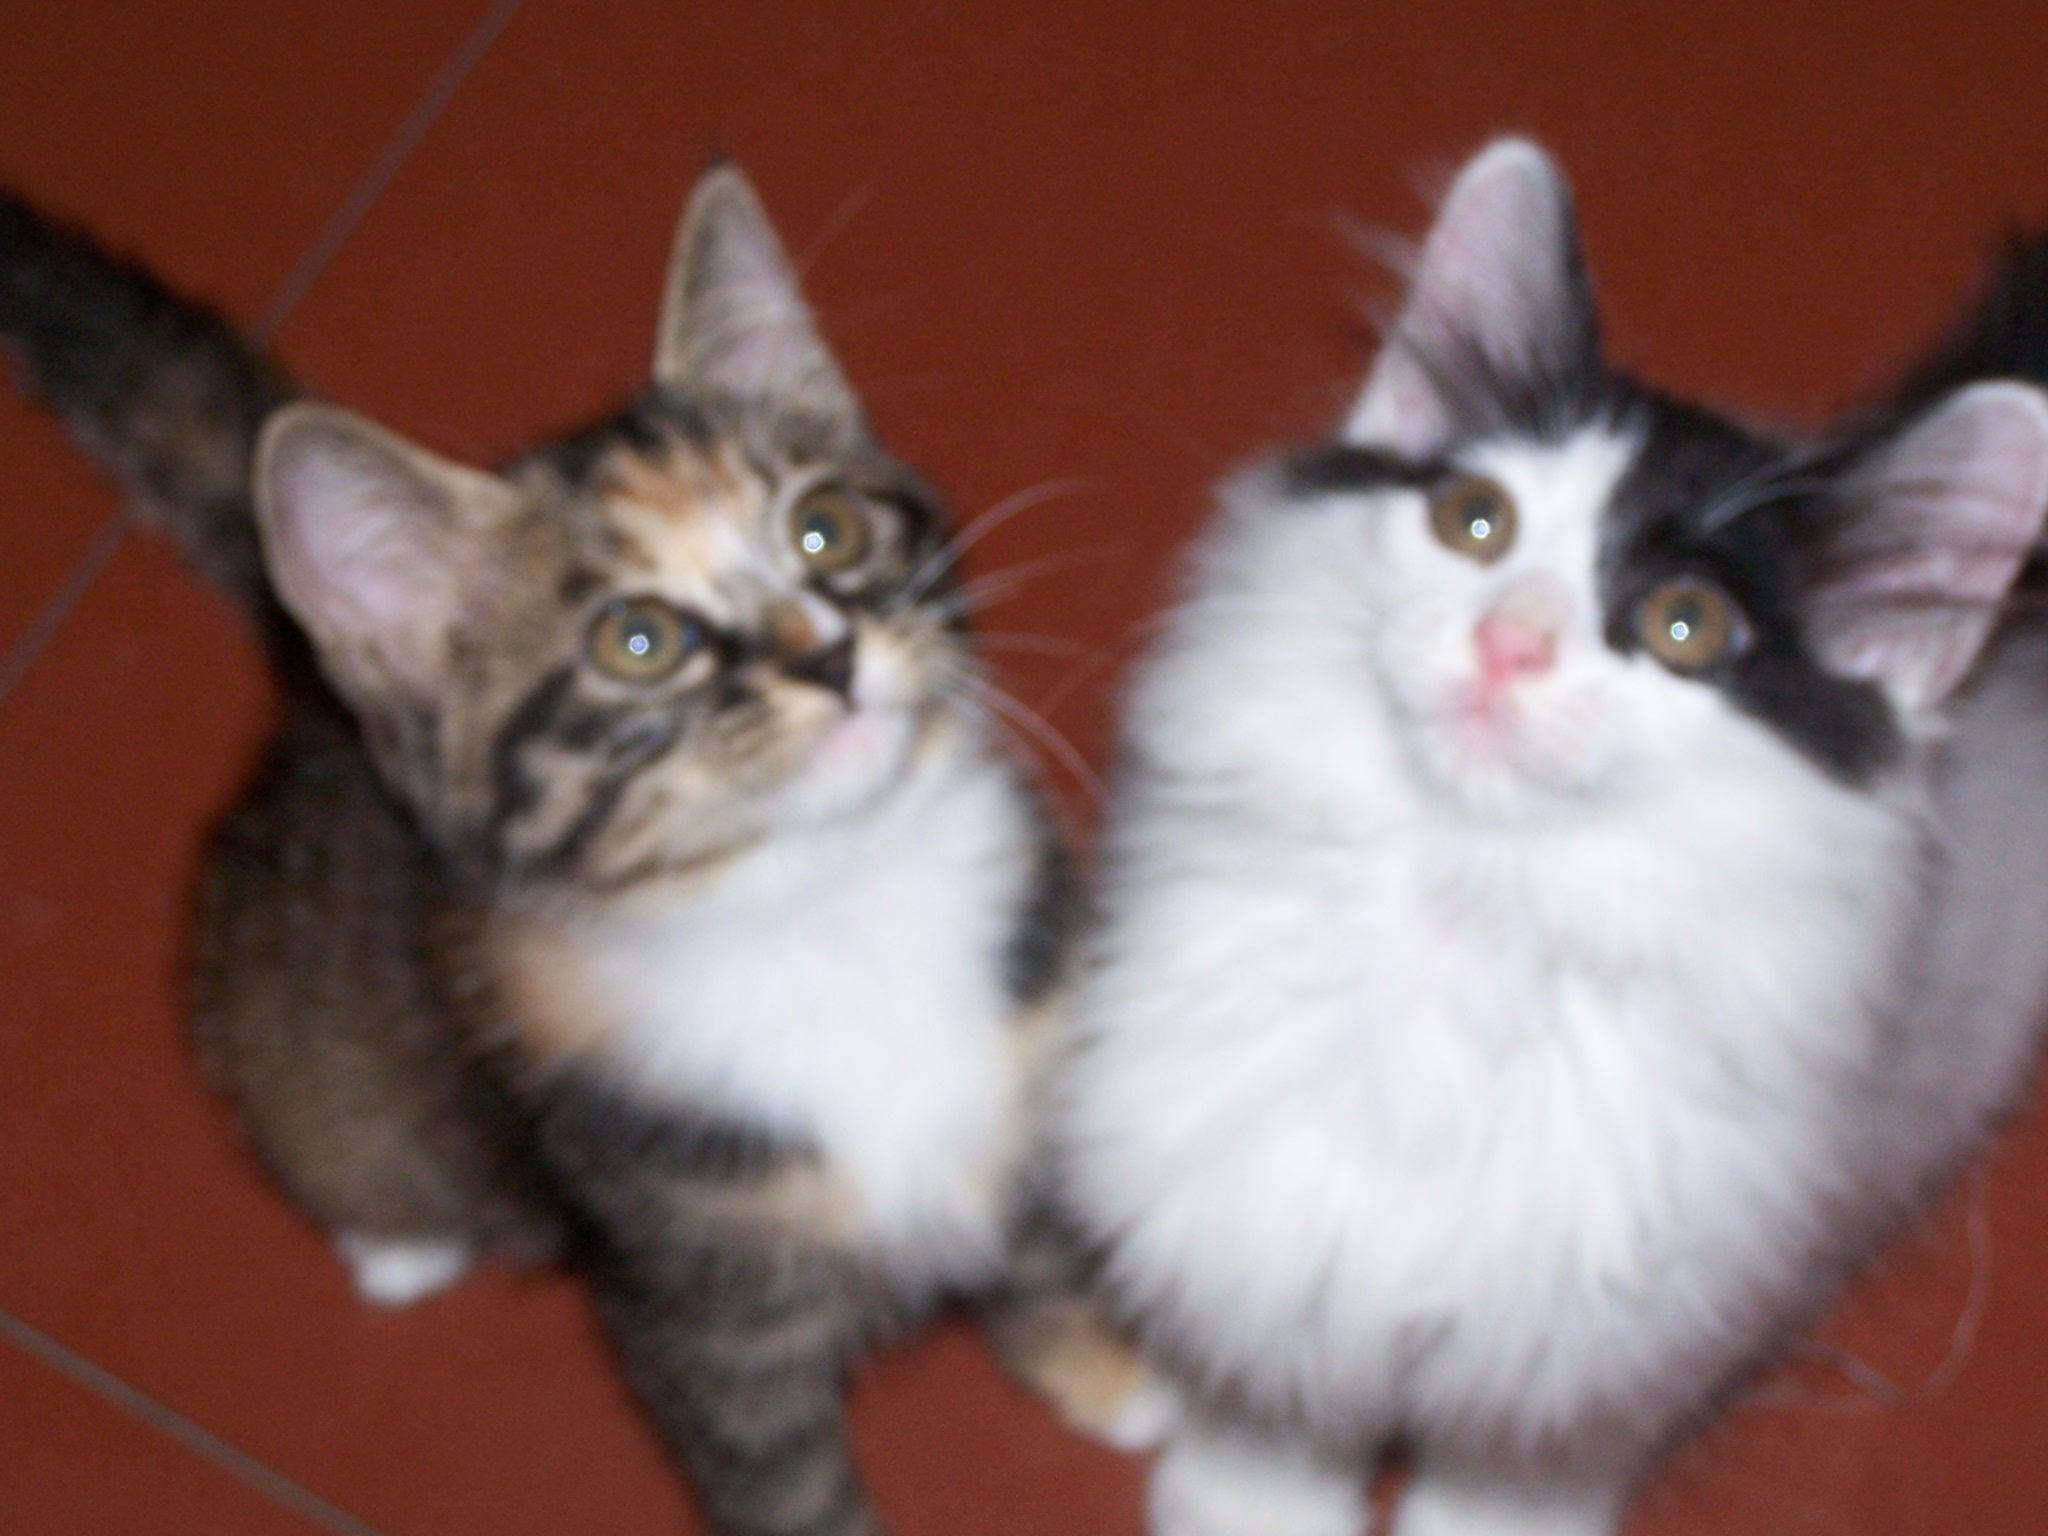 赠送:两个非常可爱的出生不到2、3个月的小猫咪,有需要的可联系。(空)-纽扣子